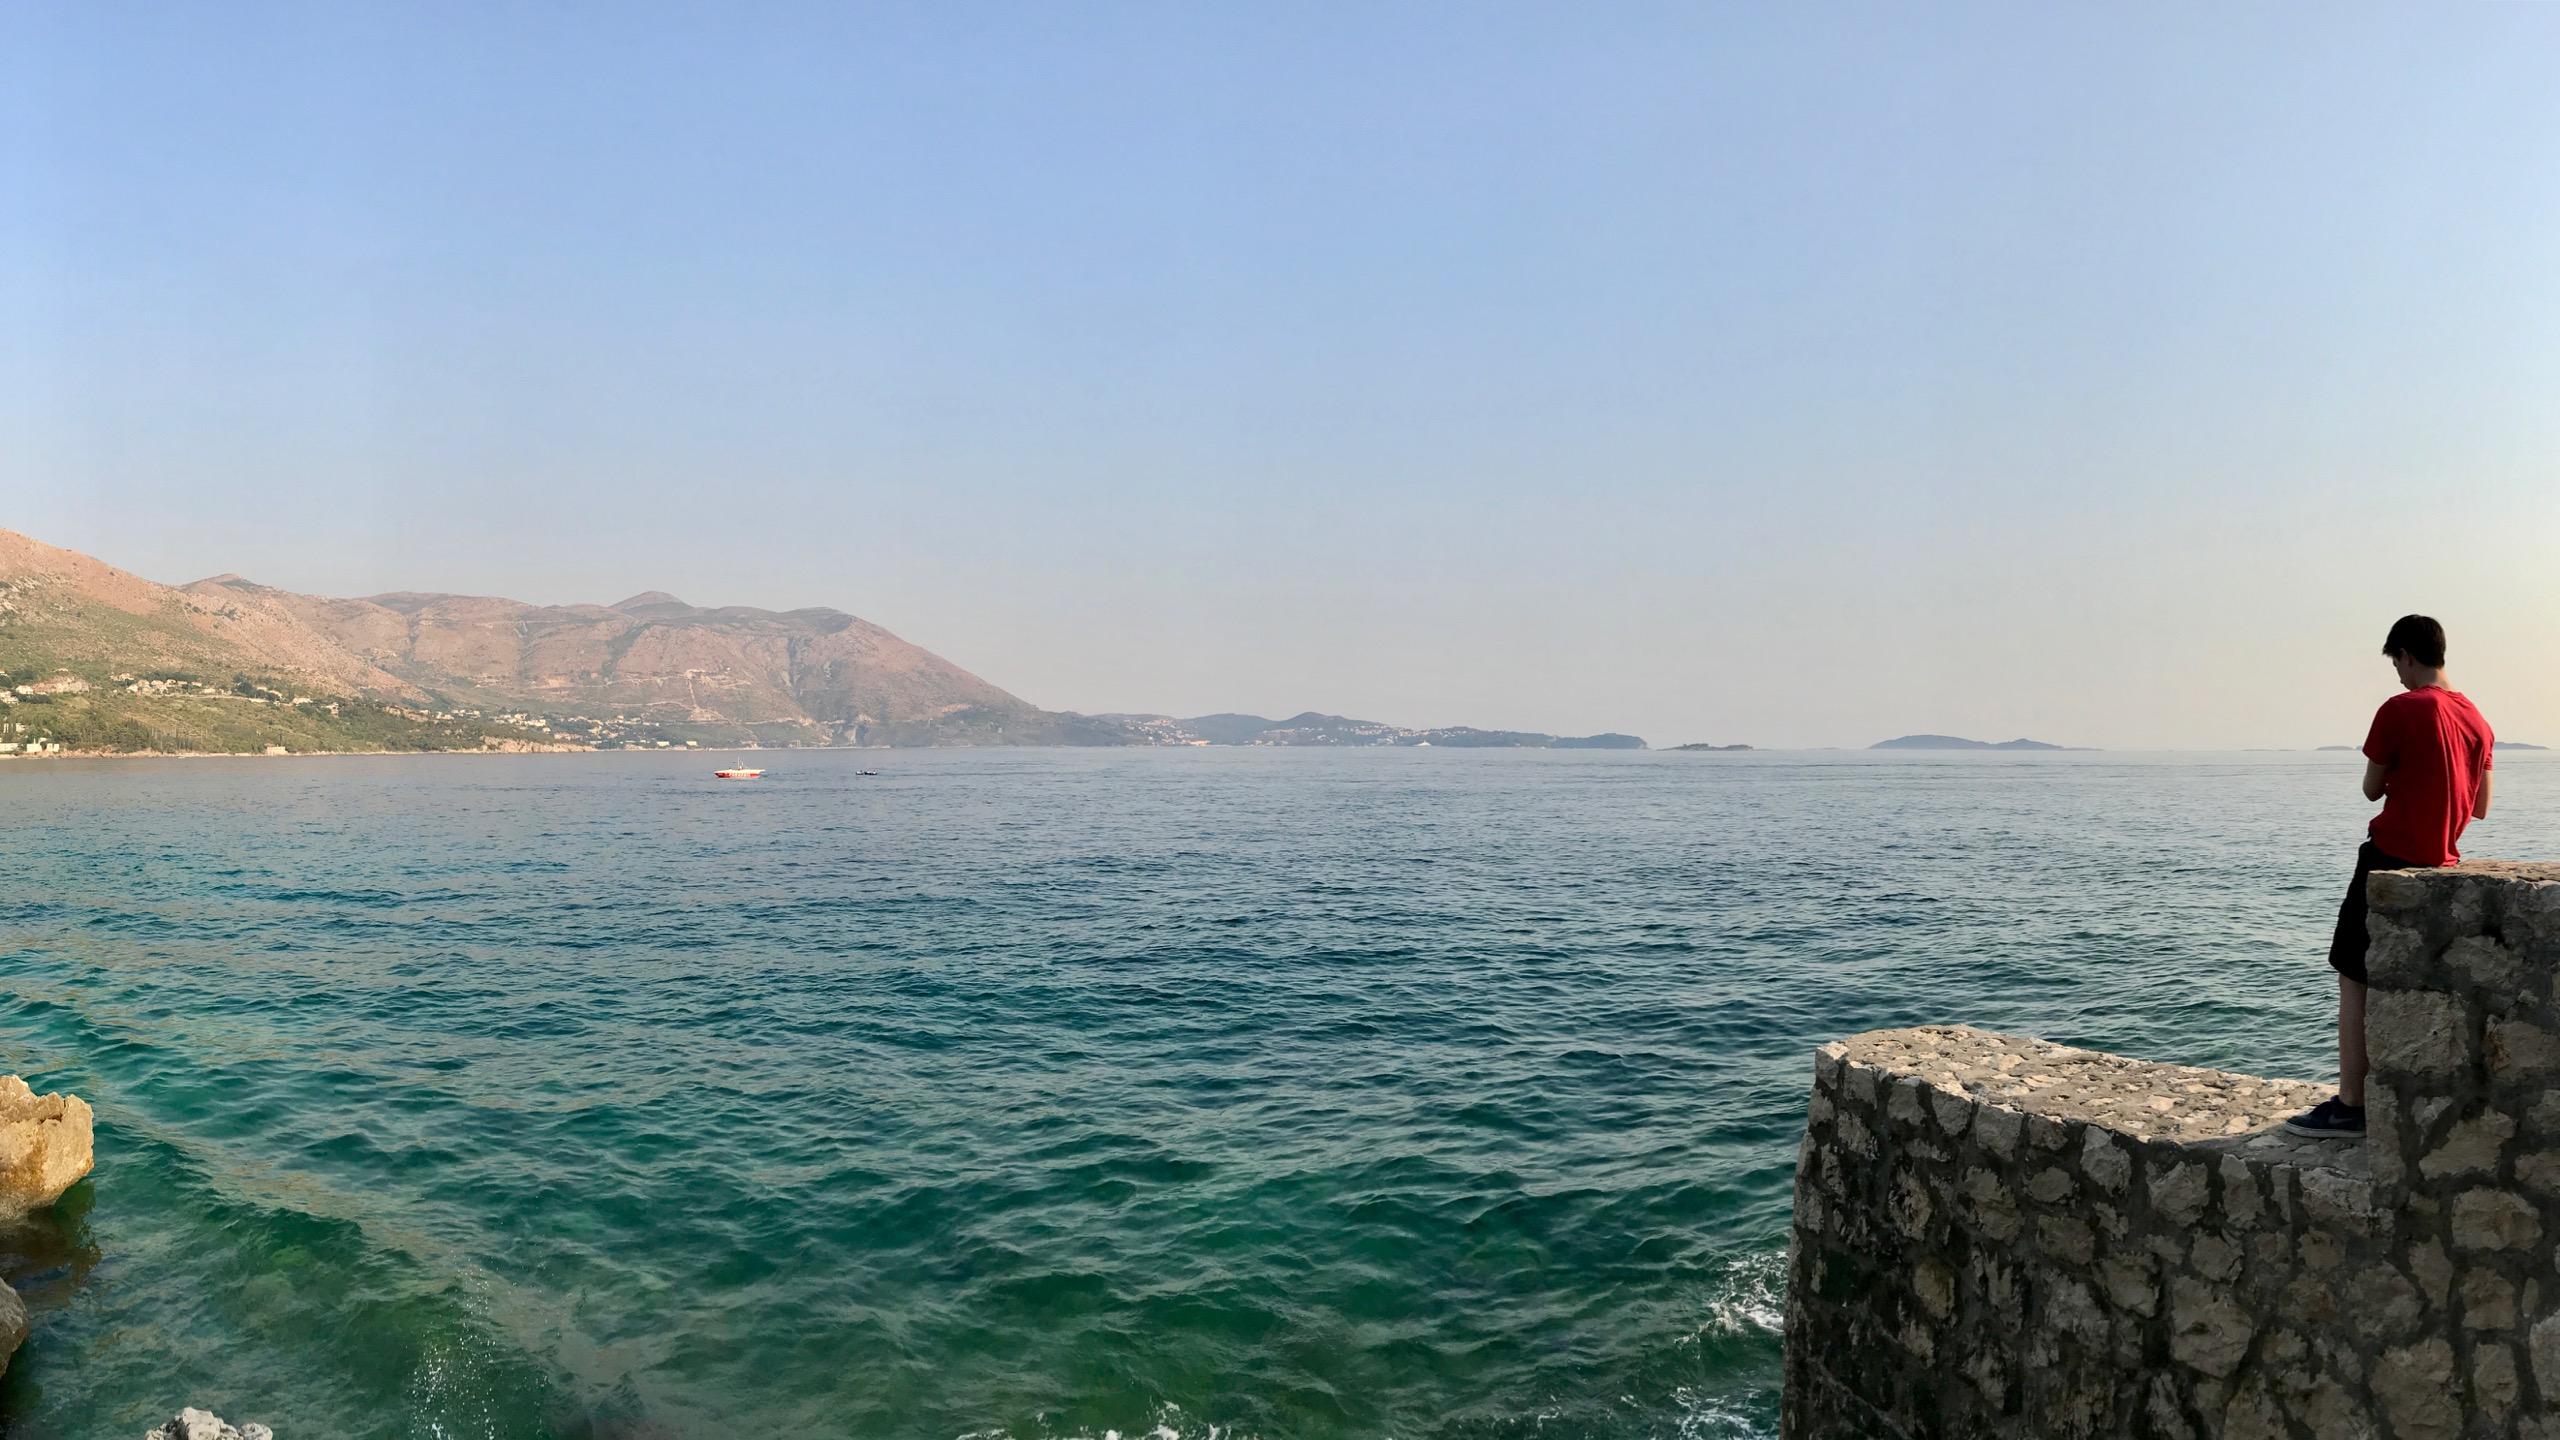 Türkisblaues Meer, im Hintergrund kahle Berge und grüne Natur. Ein Kind blickt auf das offene Meer hinaus